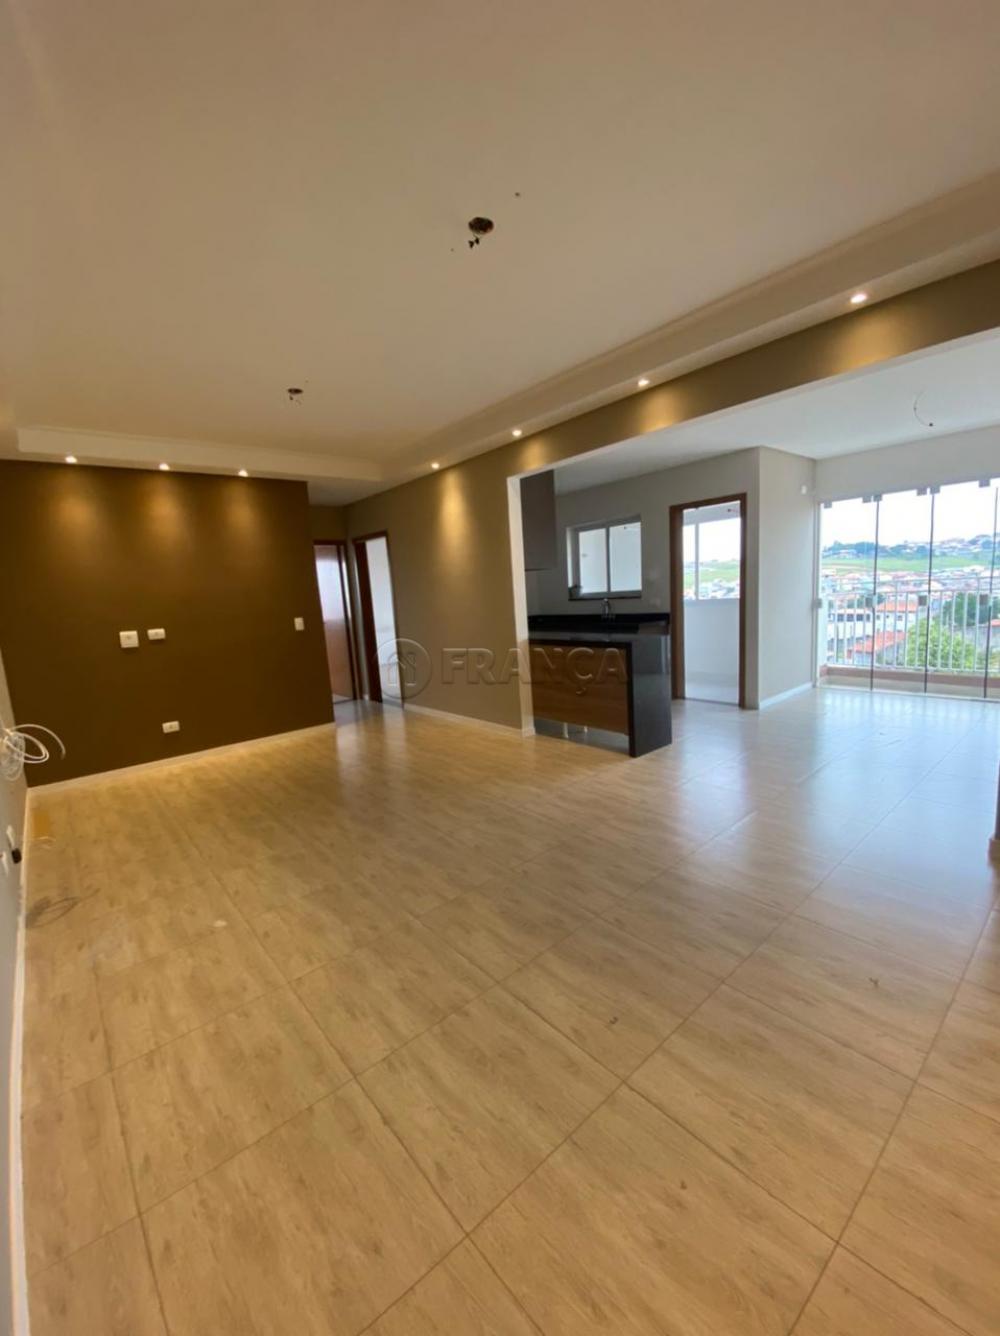 Alugar Apartamento / Padrão em Jacareí R$ 1.300,00 - Foto 6